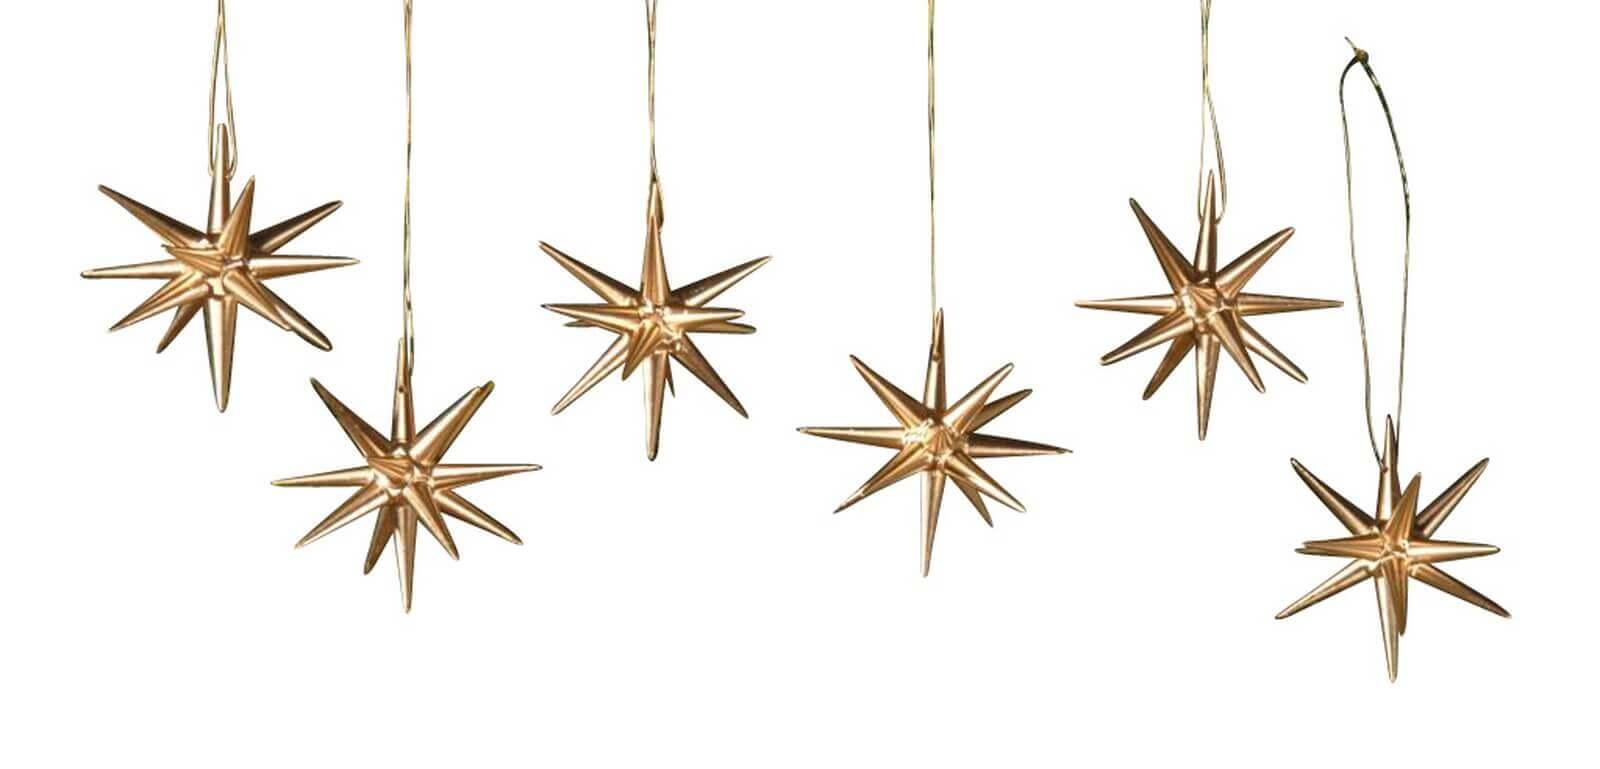 Christbaumschmuck aus Holz, Weihnachtssterne gold, 6-teilig hergestellt von Albin Preißler_Bild1